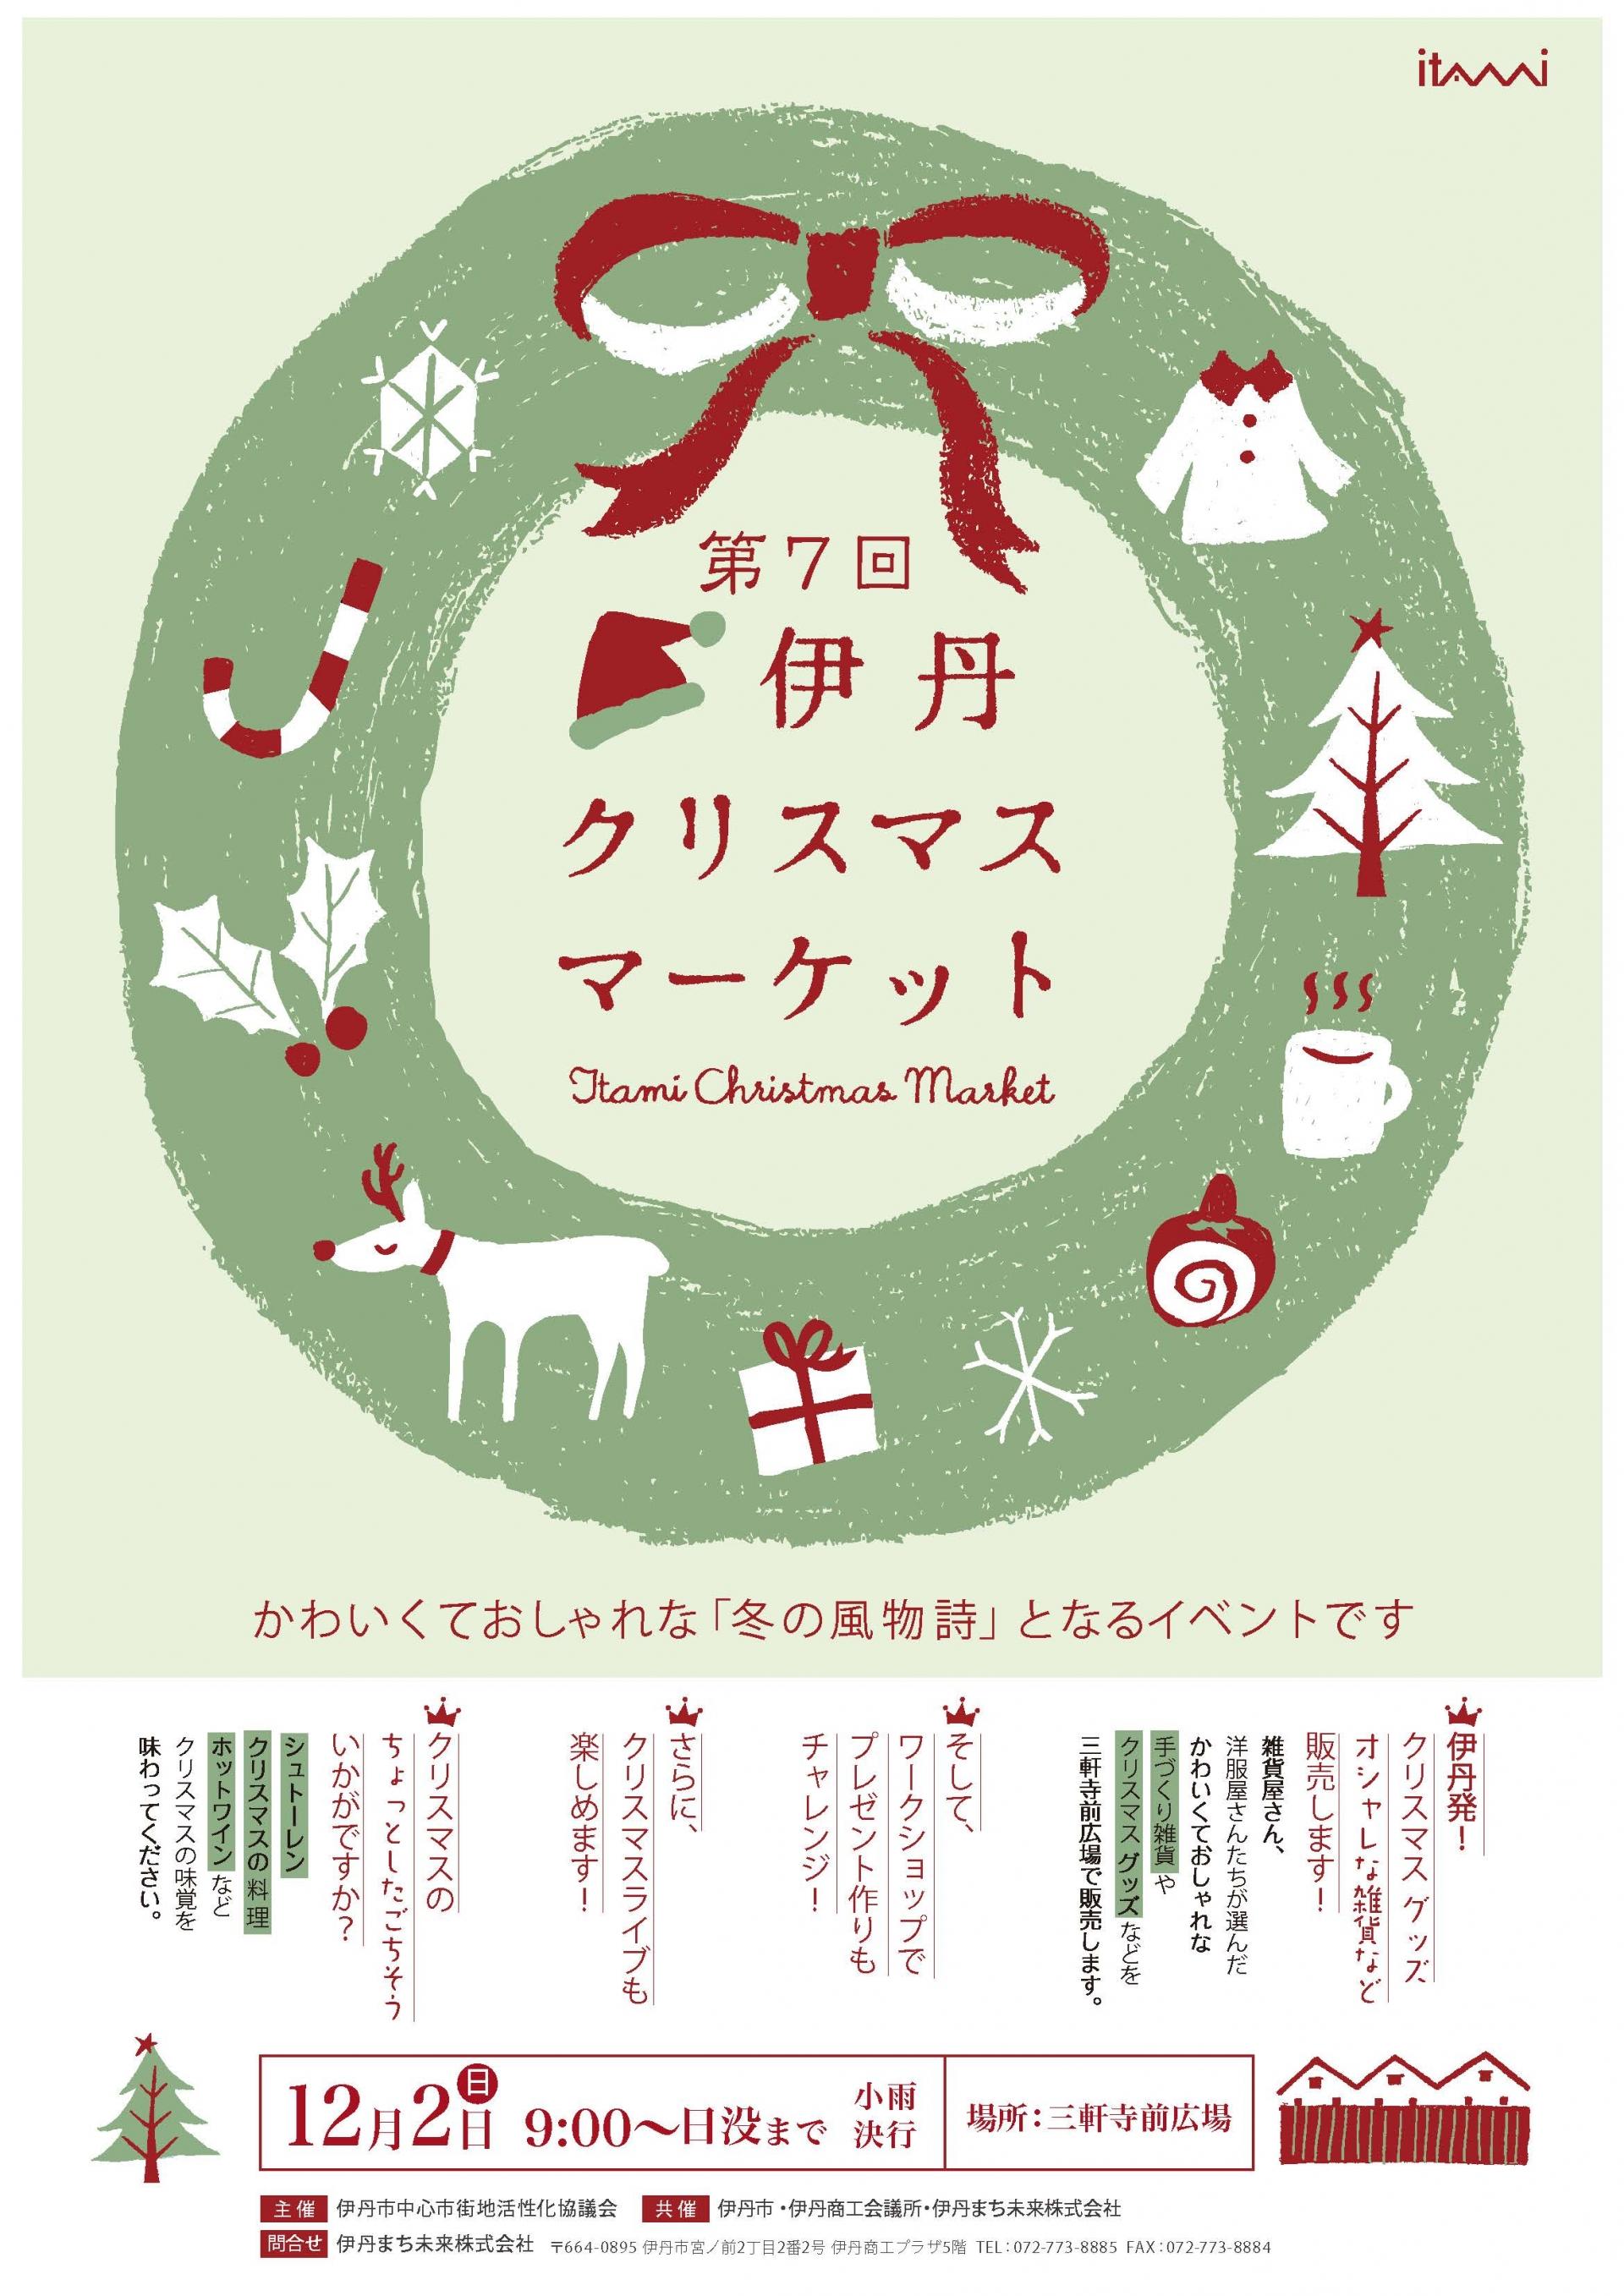 第7回伊丹クリスマスマーケット開催します。